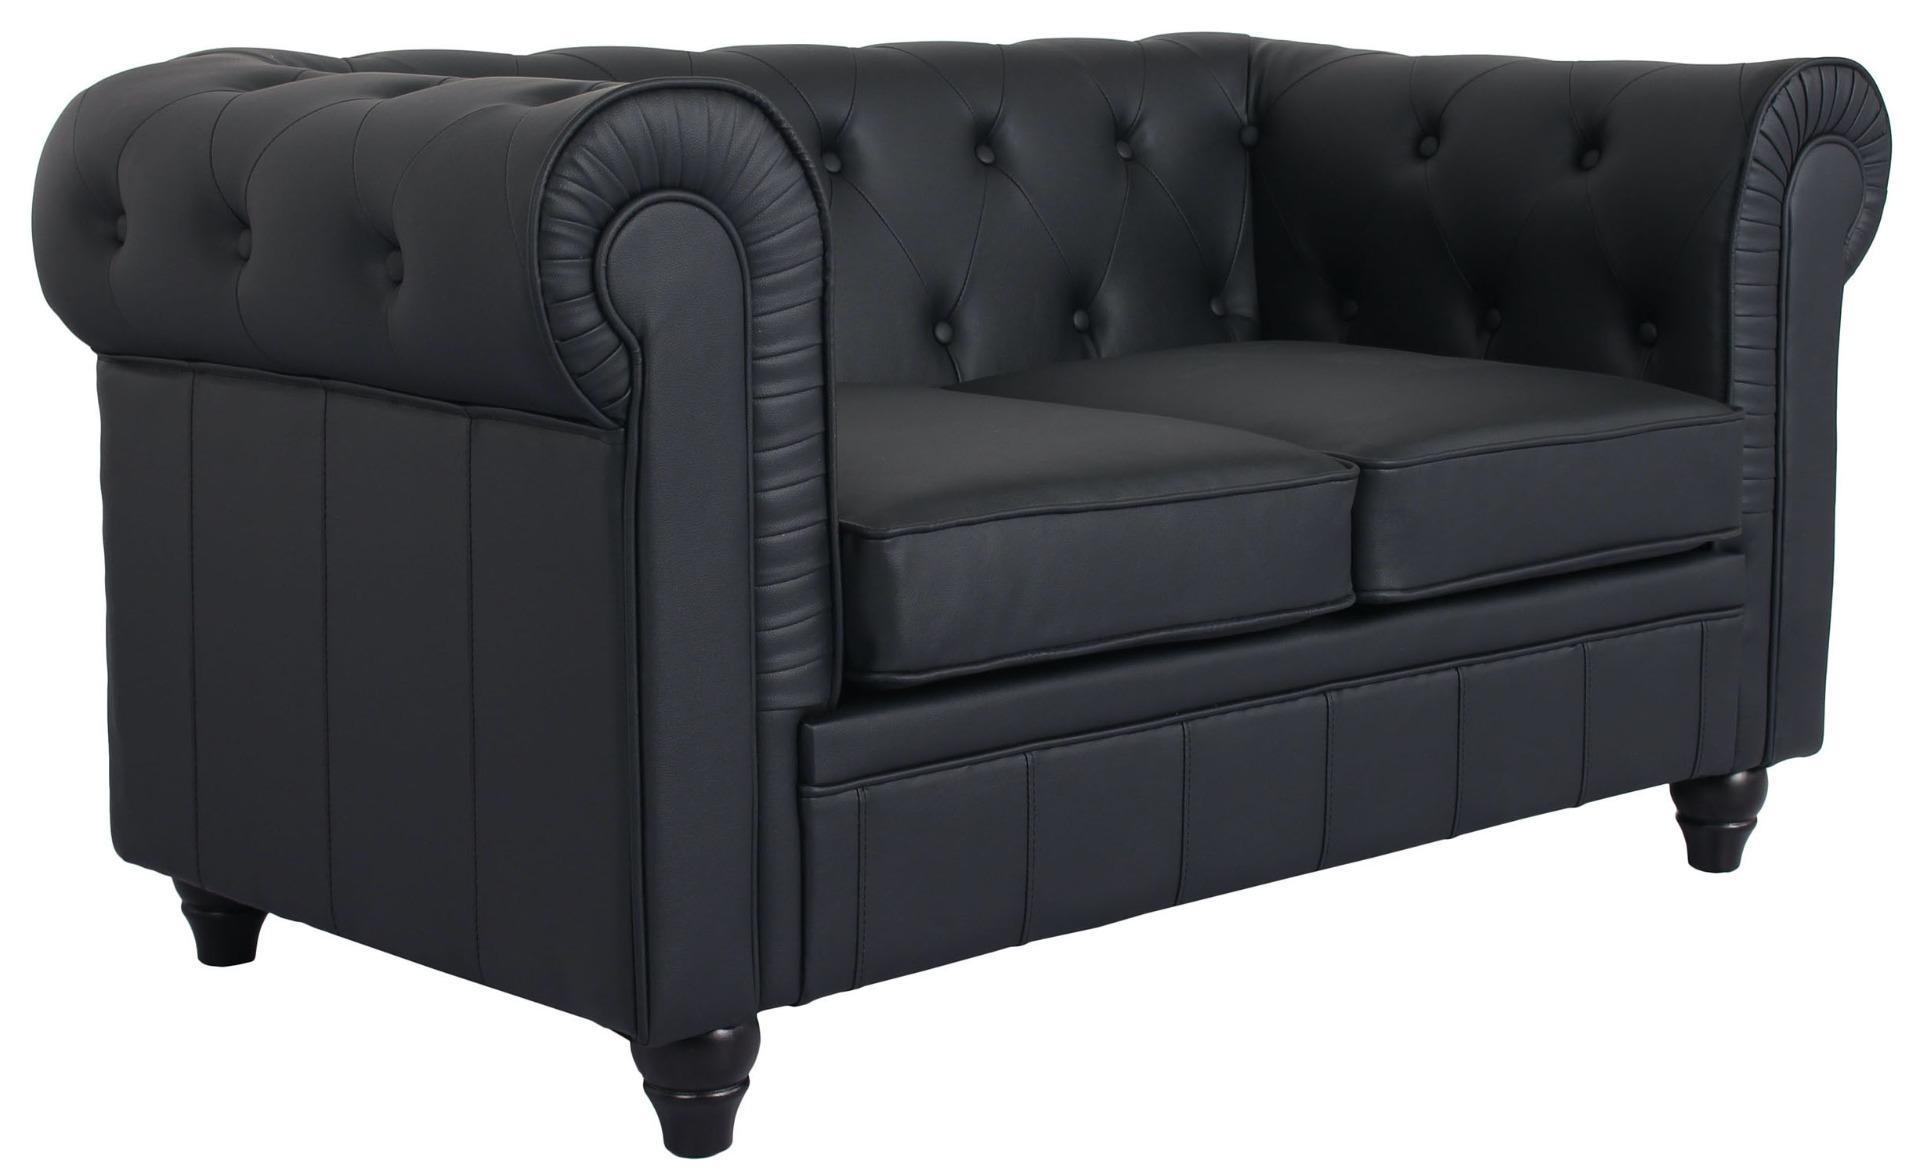 Grand canapé 2 places Chesterfield Noir